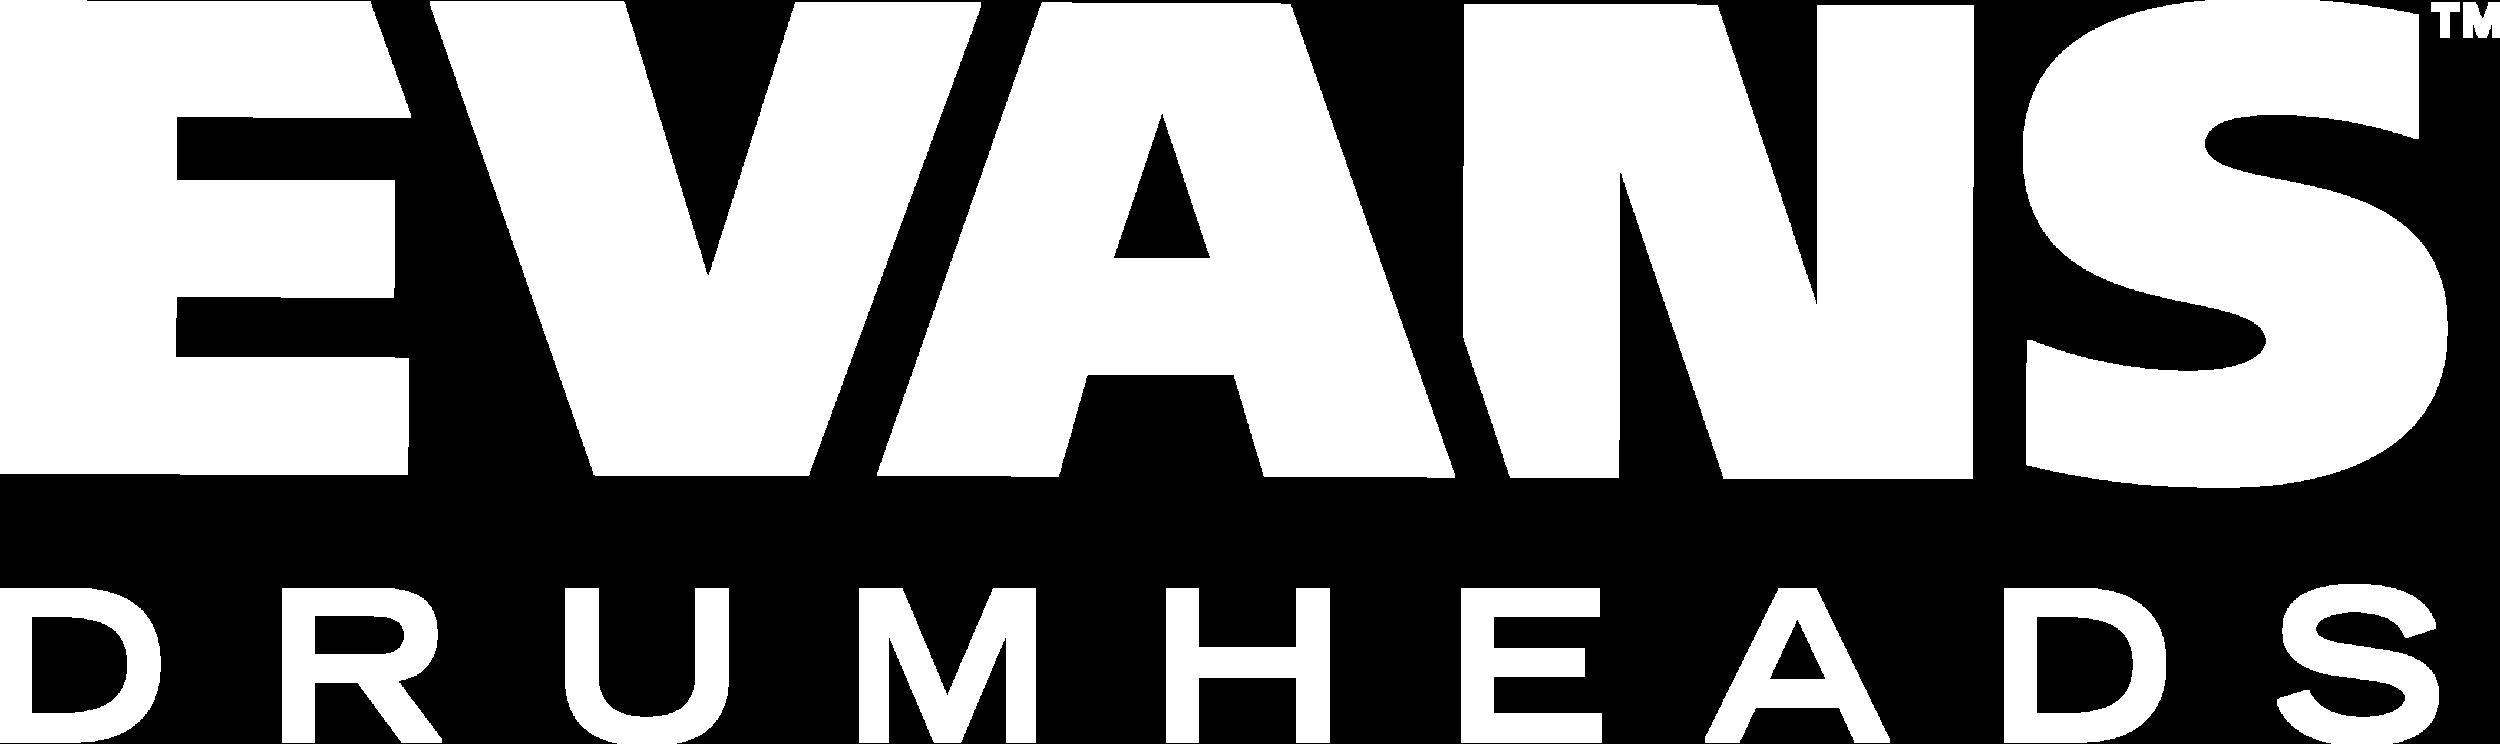 EVANS-DRUMHEADS-MasterLogo-White.png